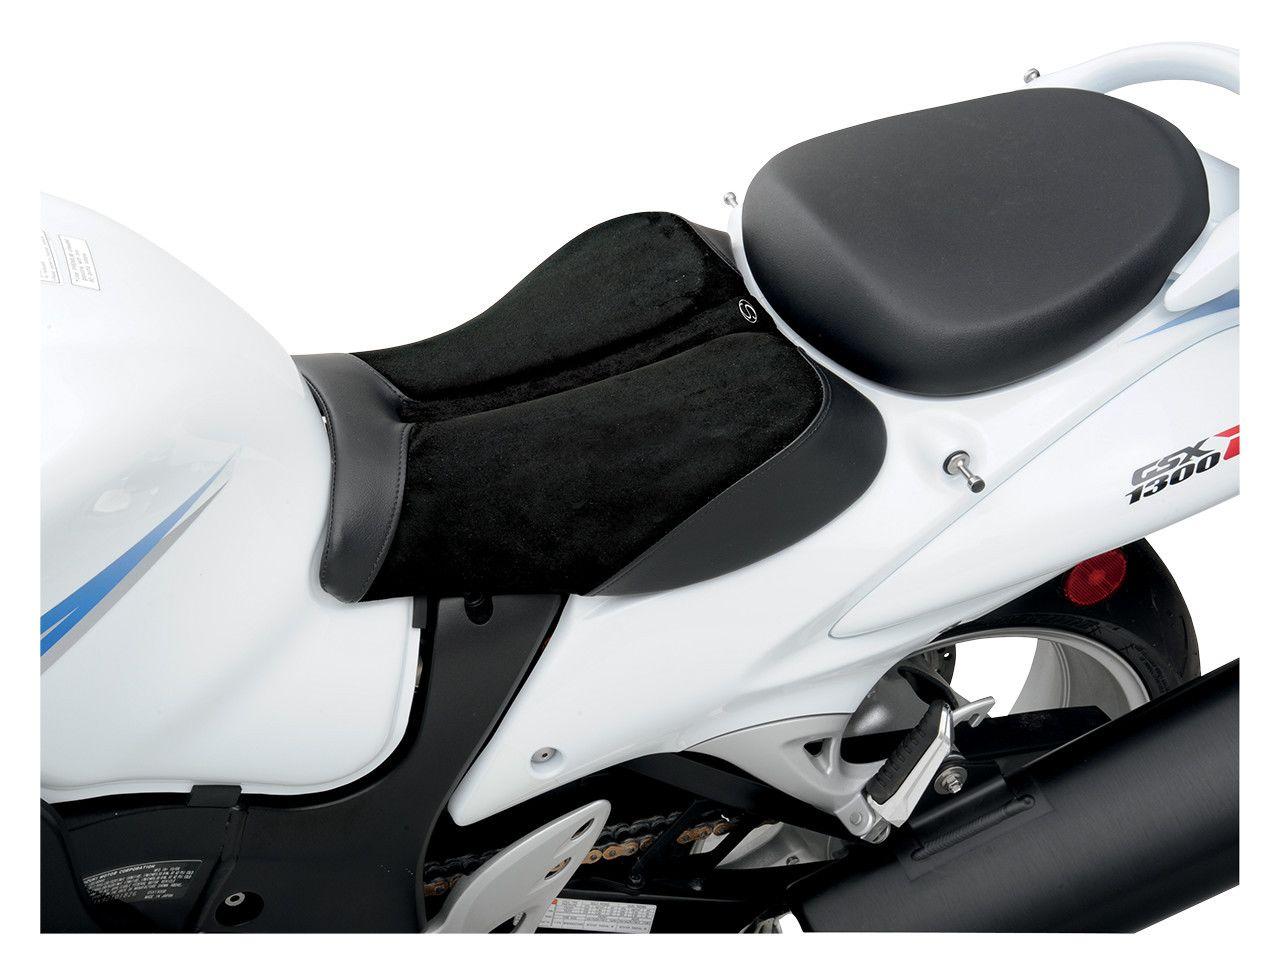 Saddlemen Gel Channel Sport Seat Suzuki Hayabusa Gsx1300r 2008